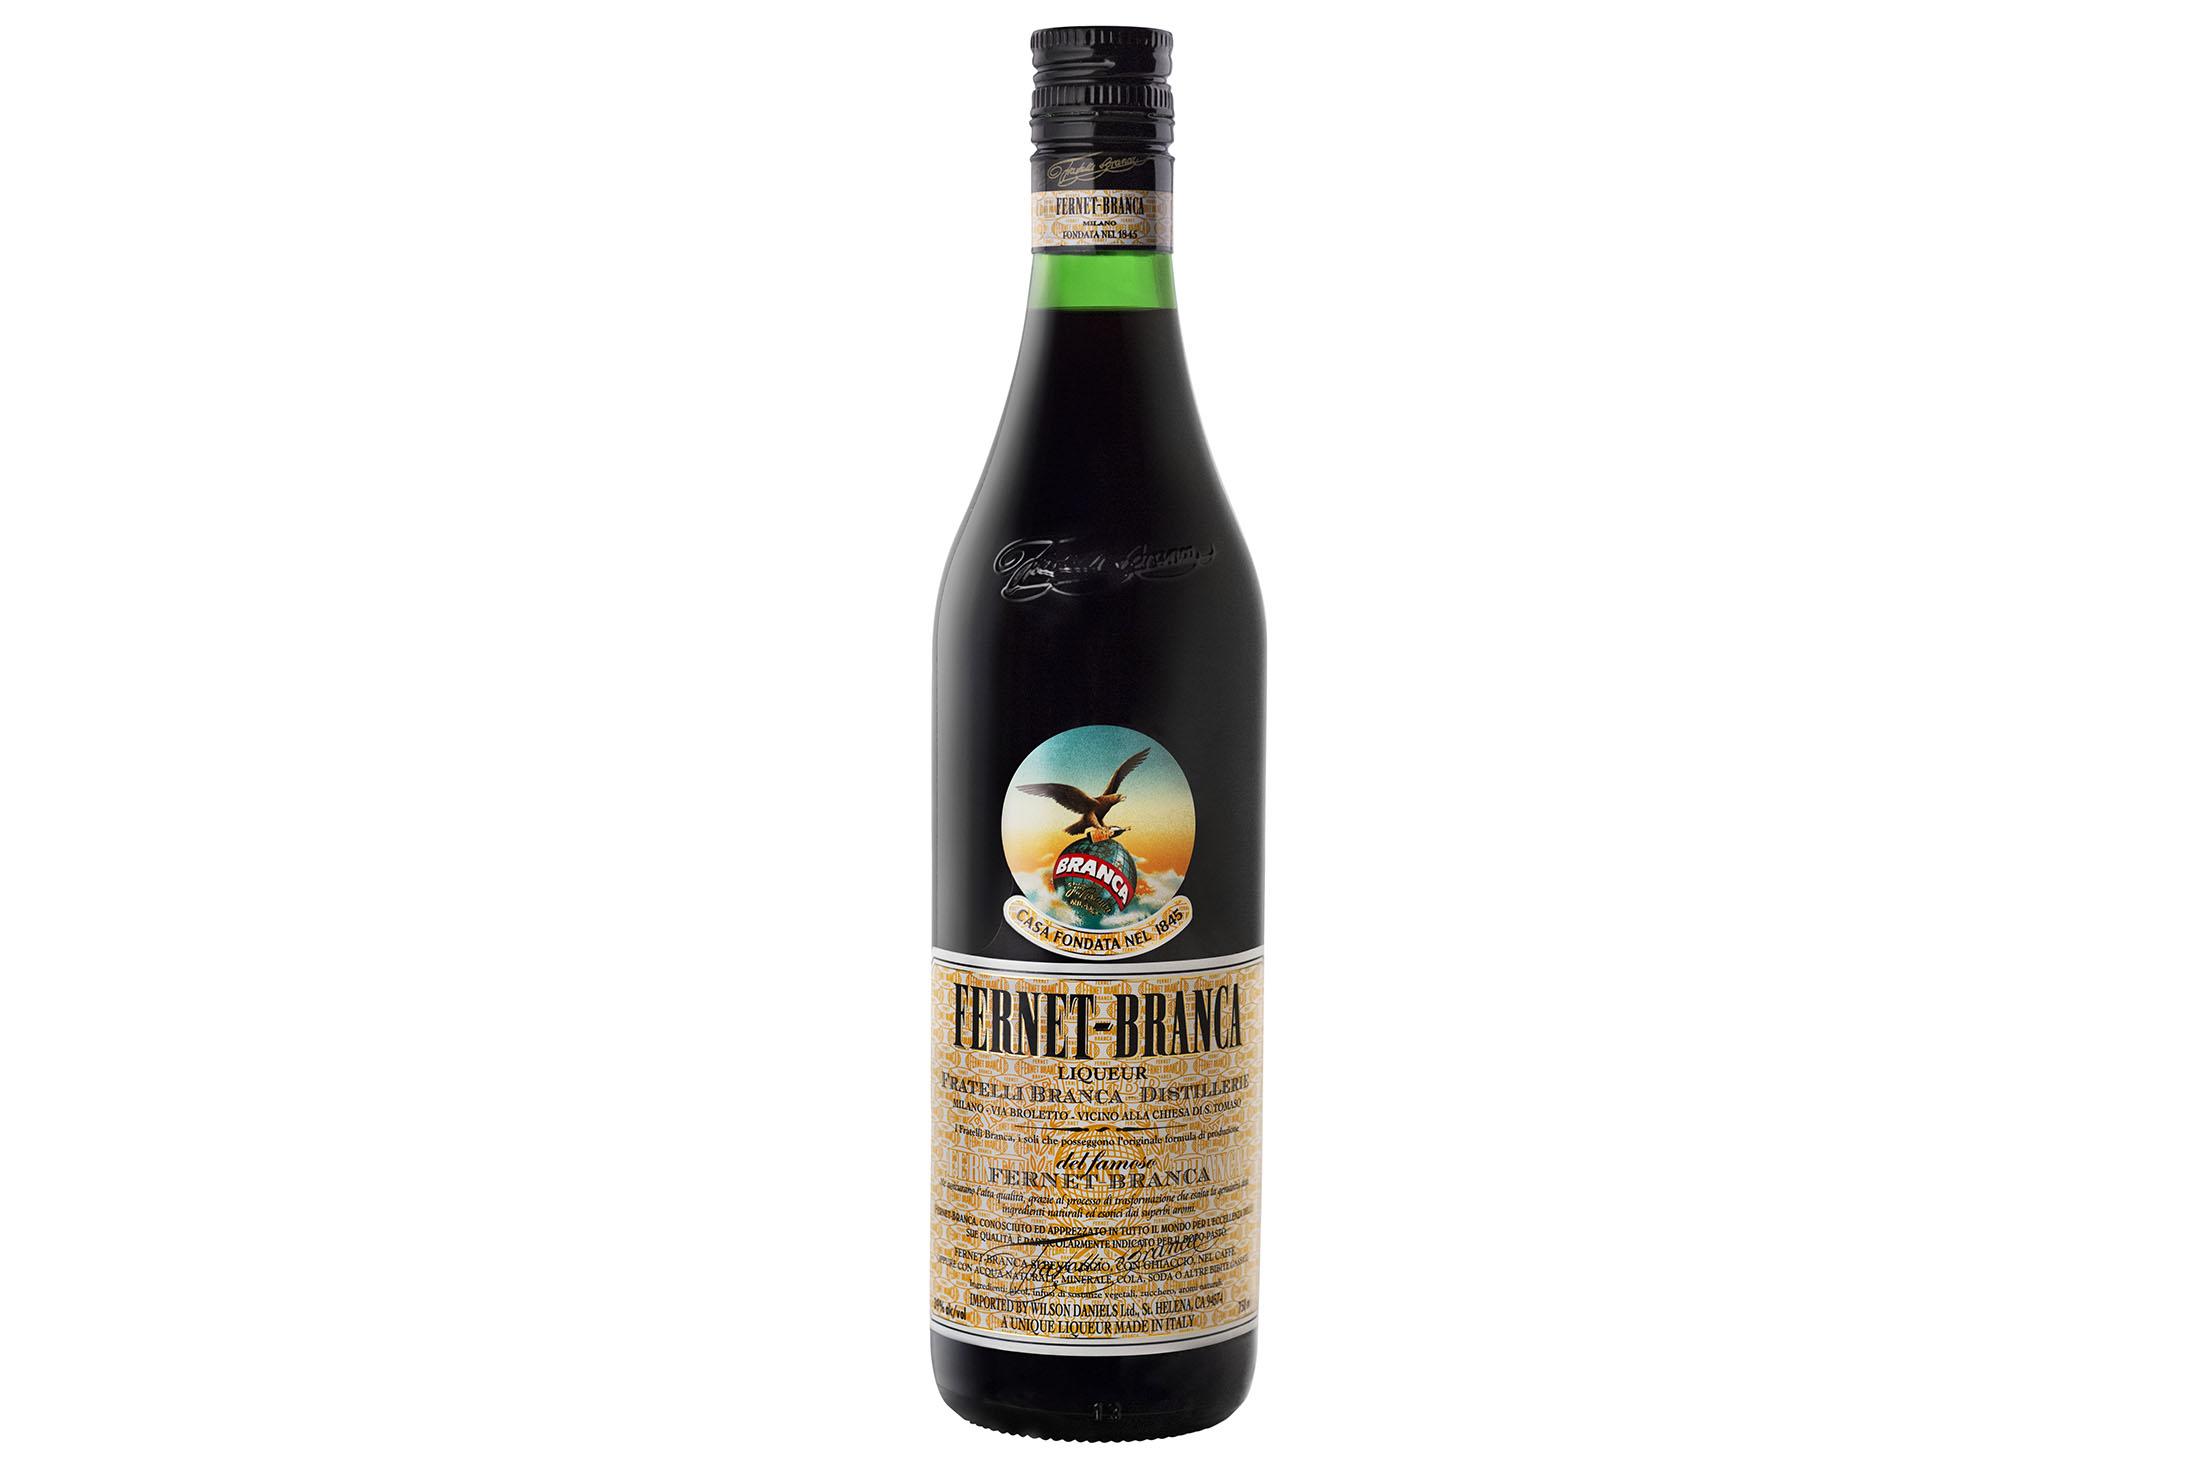 1472484533_fernet-branca-spirits-bloomberg-bottle